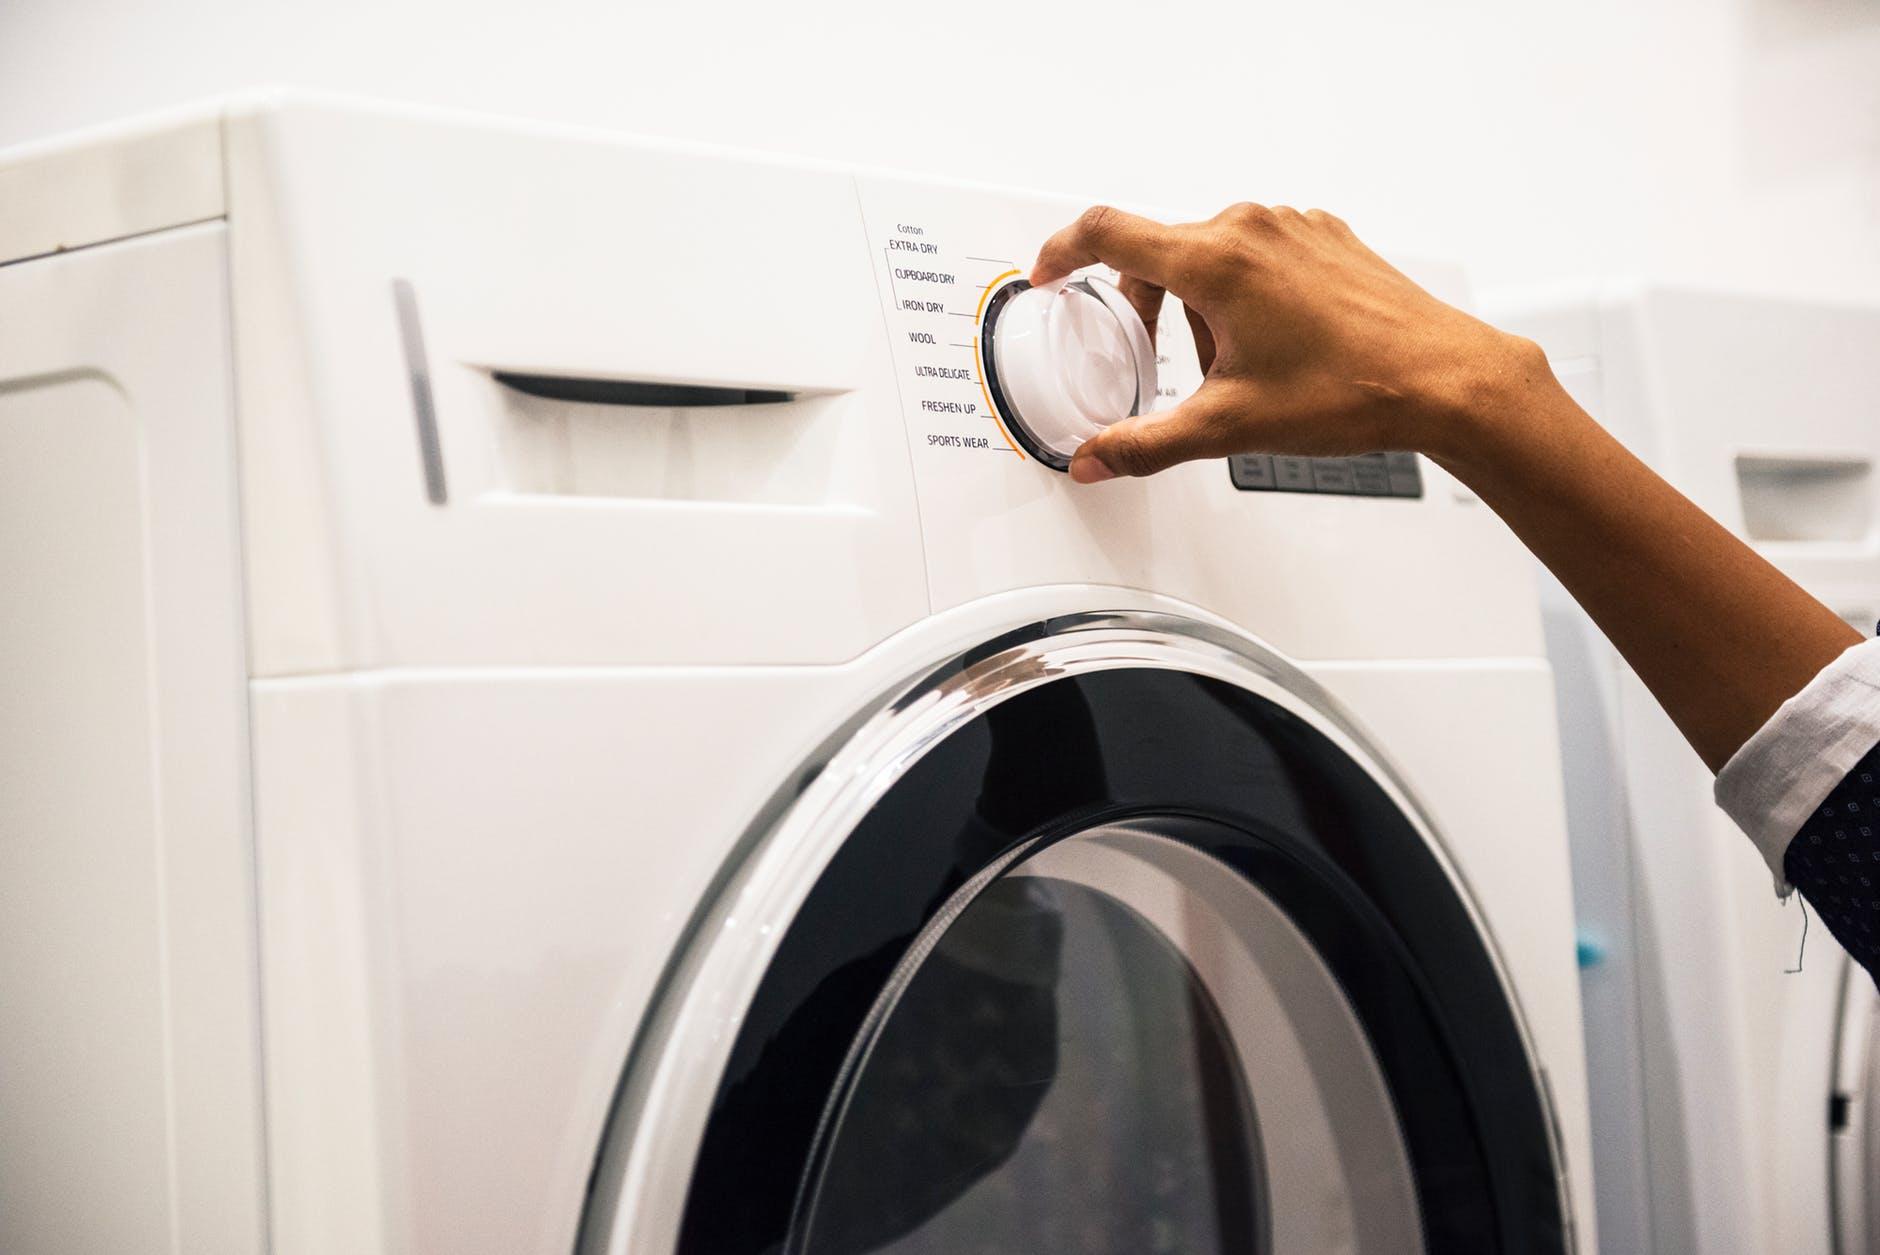 Minha rotina de lavanderia